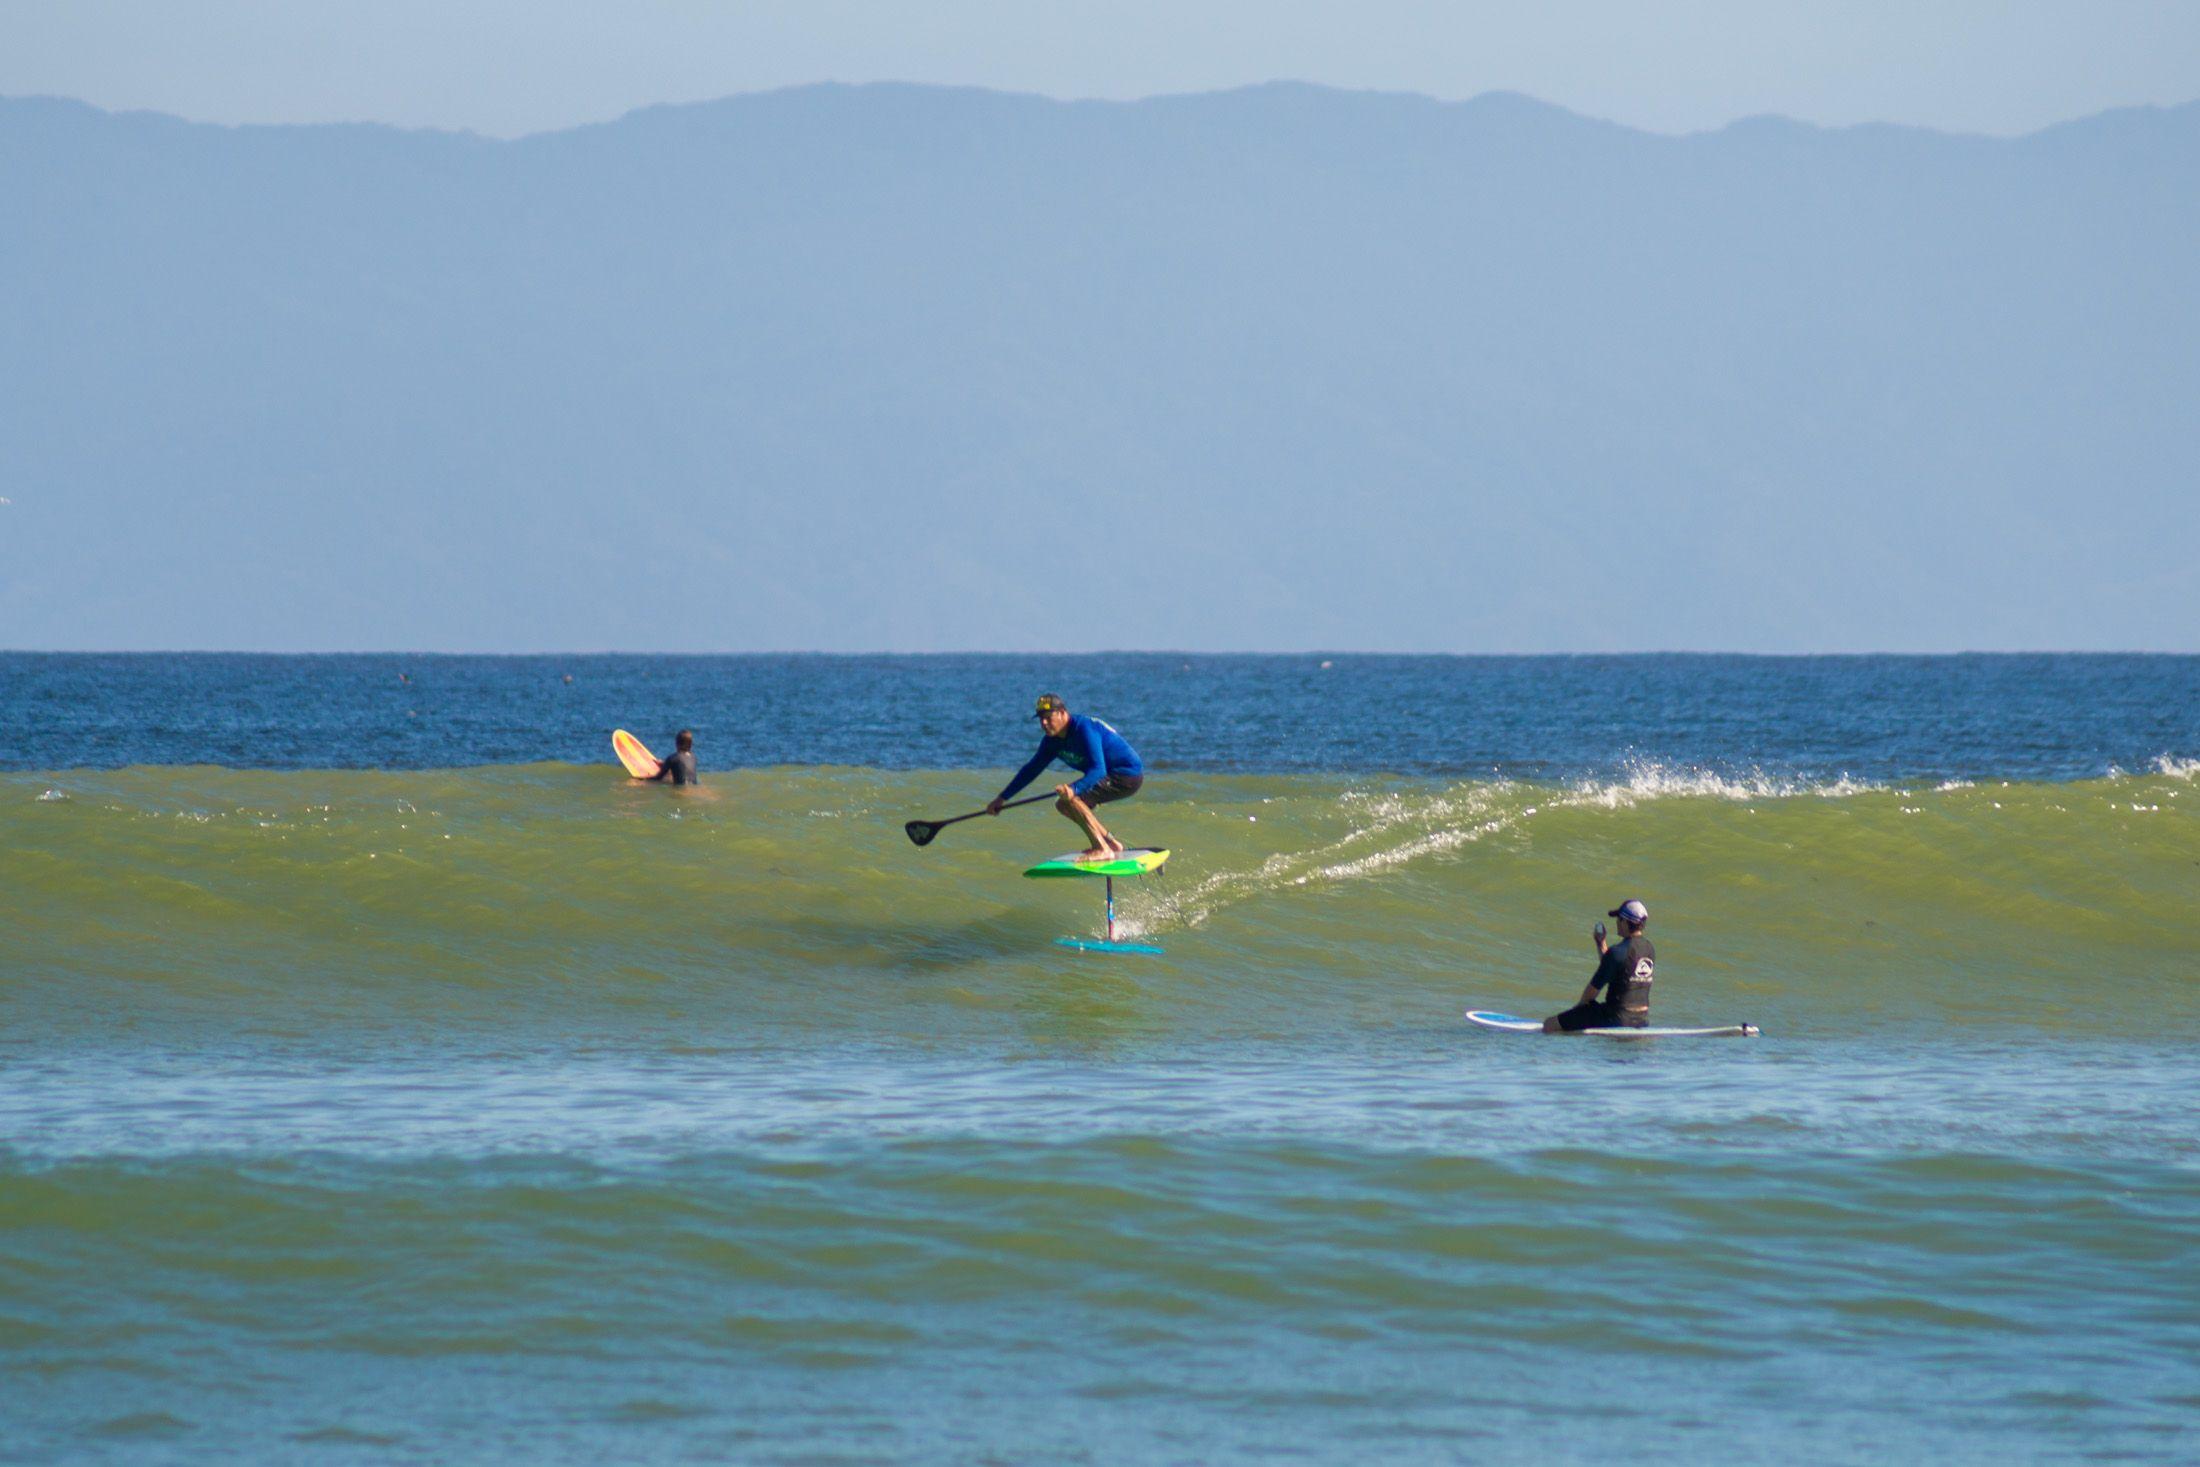 Pin De North Shore Realty En Surf Punta Mita Sayulita San Pancho Puerto Vallarta Puerto Vallarta Punta Mita Sayulita